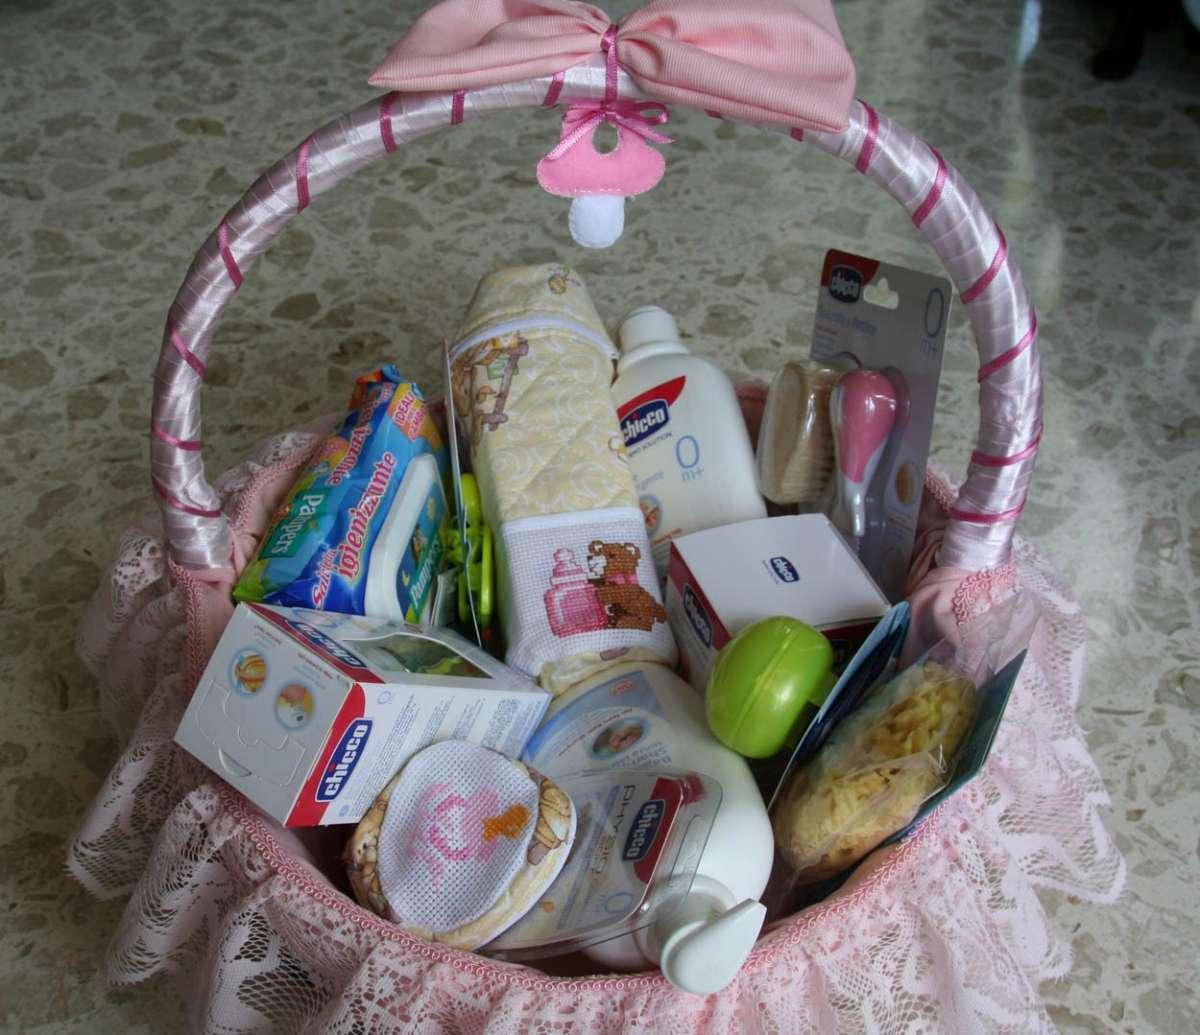 Regali di nascita: cosa fare?